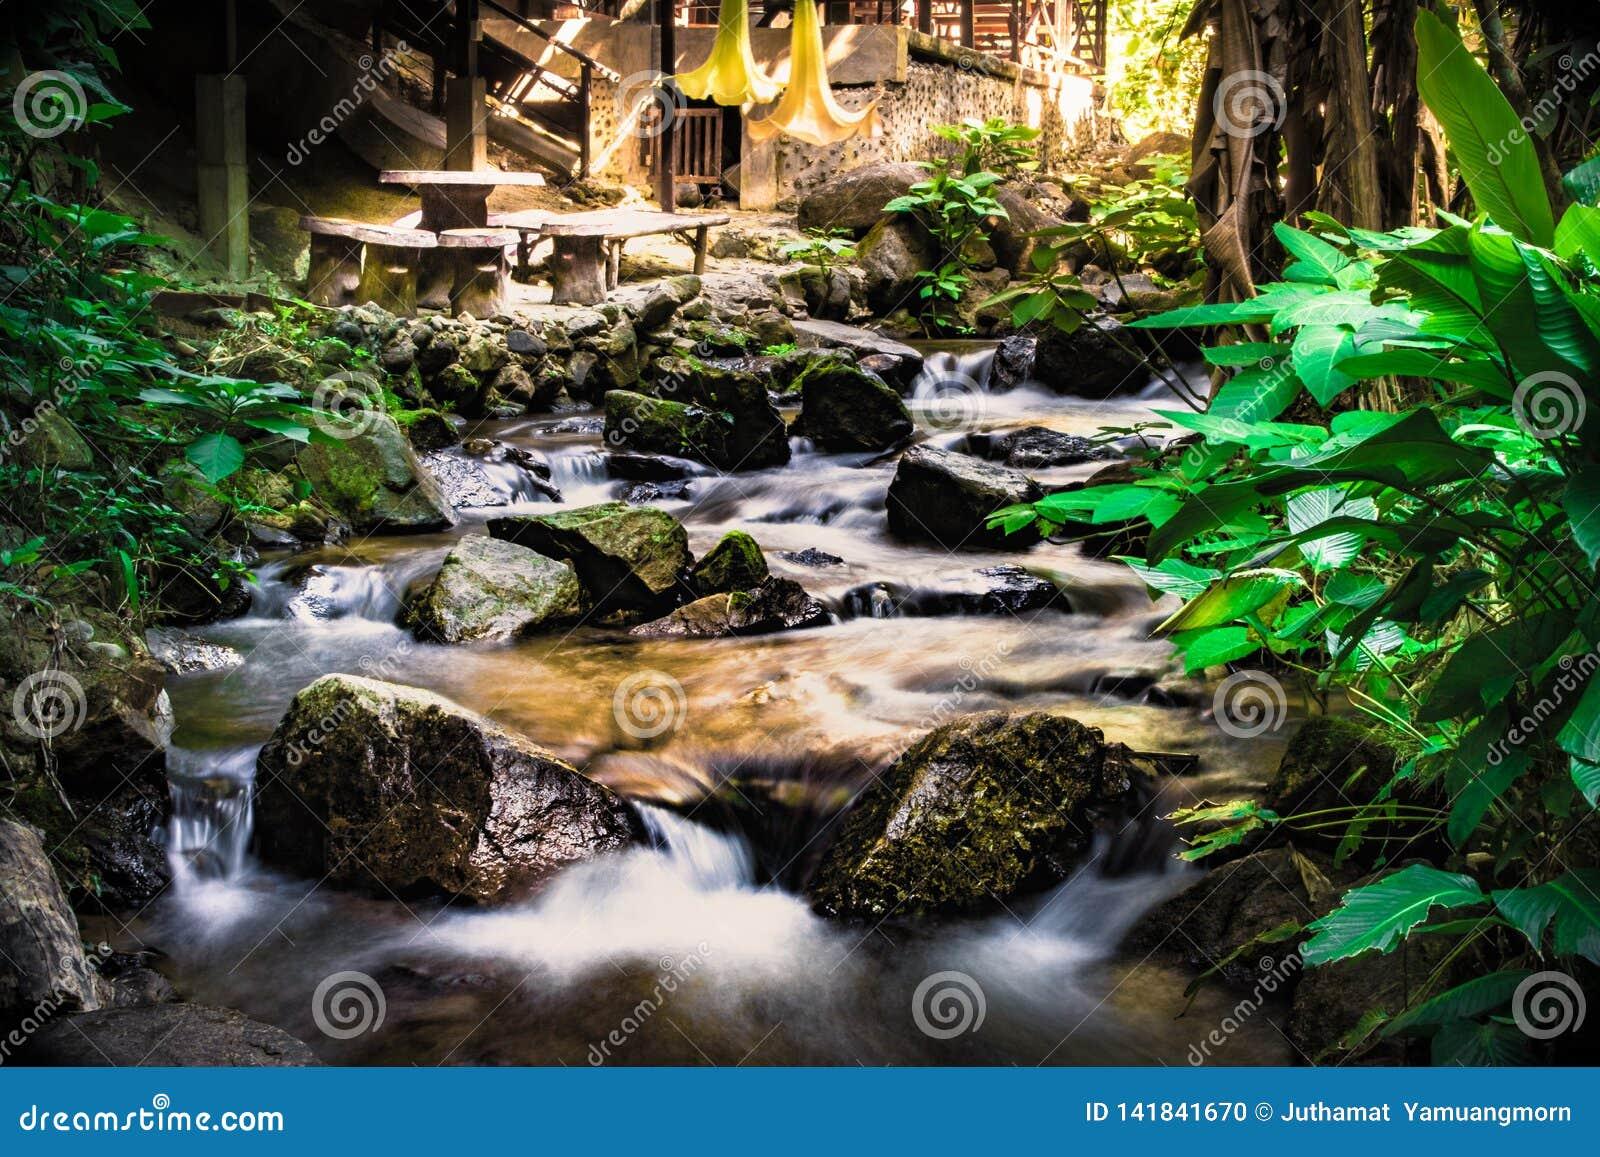 Les cascades naturelles d hiver, vues de rivière, parcs luxuriants de forêt, fond est humide avec des roches